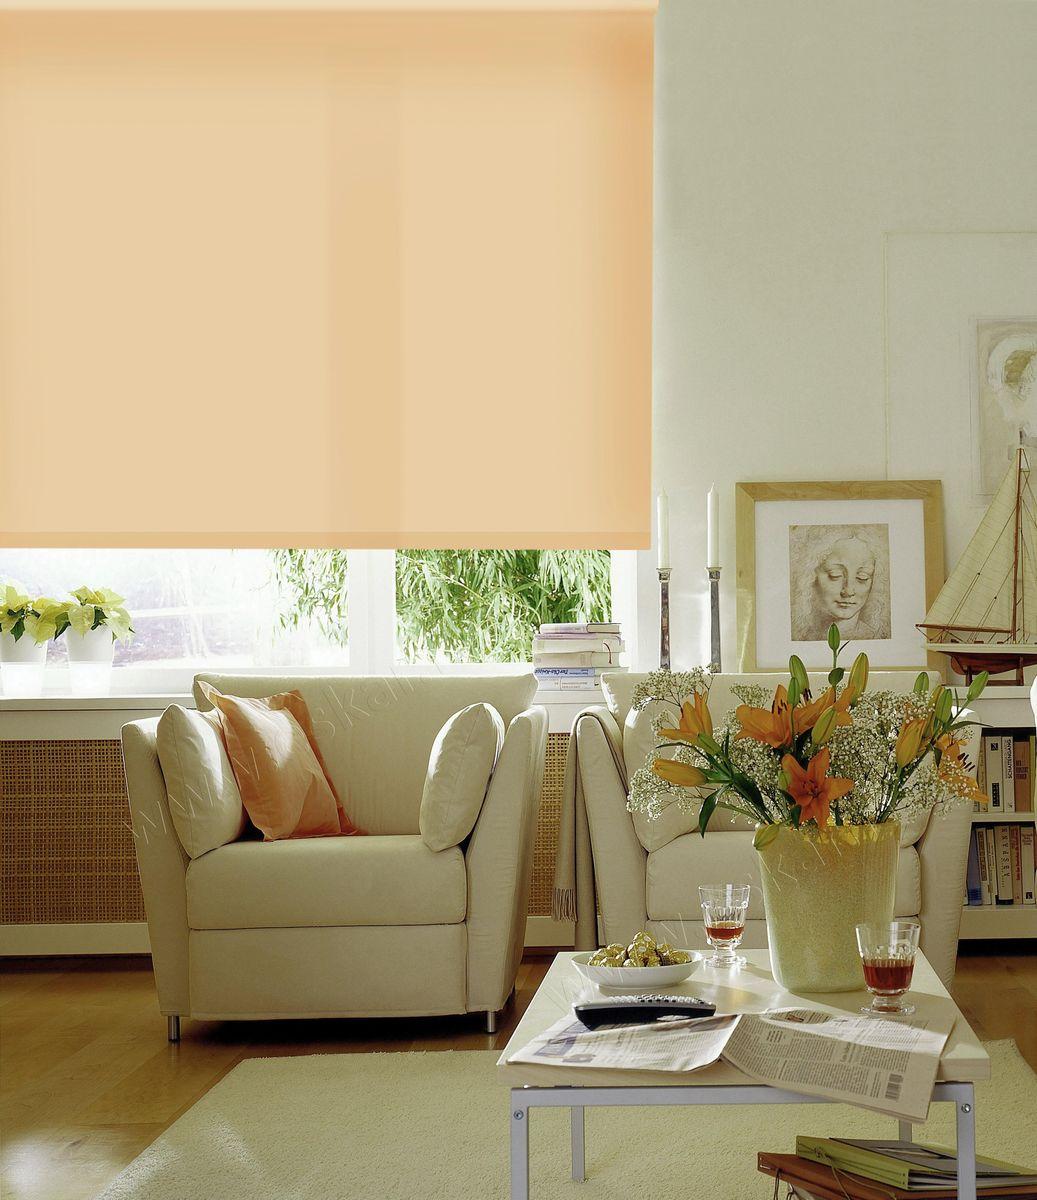 Штора рулонная Эскар, цвет: светло-абрикосовый, ширина 150 см, высота 170 см81112150170Рулонными шторами можно оформлять окна как самостоятельно, так и использовать в комбинации с портьерами. Это поможет предотвратить выгорание дорогой ткани на солнце и соединит функционал рулонных с красотой навесных. Преимущества применения рулонных штор для пластиковых окон: - имеют прекрасный внешний вид: многообразие и фактурность материала изделия отлично смотрятся в любом интерьере; - многофункциональны: есть возможность подобрать шторы способные эффективно защитить комнату от солнца, при этом она не будет слишком темной. - Есть возможность осуществить быстрый монтаж. ВНИМАНИЕ! Размеры ширины изделия указаны по ширине ткани! Во время эксплуатации не рекомендуется полностью разматывать рулон, чтобы не оторвать ткань от намоточного вала. В случае загрязнения поверхности ткани, чистку шторы проводят одним из способов, в зависимости от типа загрязнения: легкое поверхностное загрязнение можно удалить при помощи канцелярского ластика; чистка от пыли производится сухим методом при...